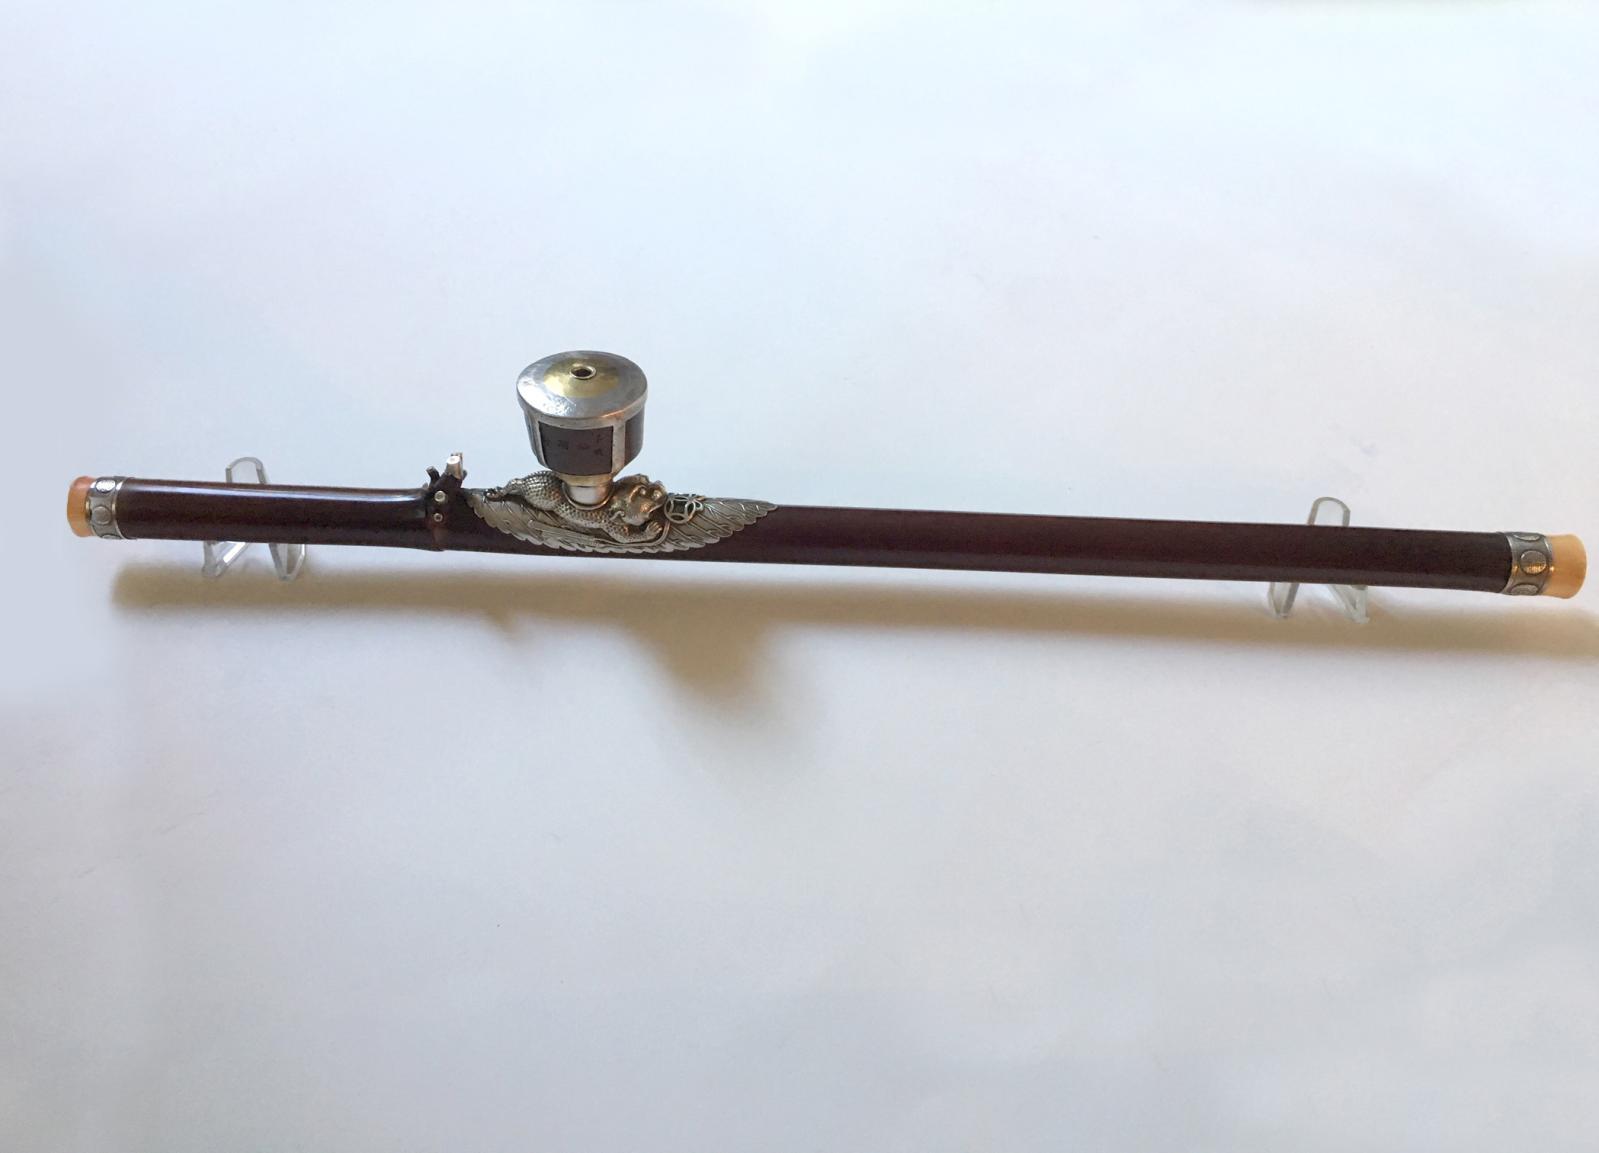 5802€ Chine, XIXesiècle. Pipe à opium en bambou laqué ornée d'un crapaud lunaire avec des sapèques, arrêtoir à cinq pointes en métal, b